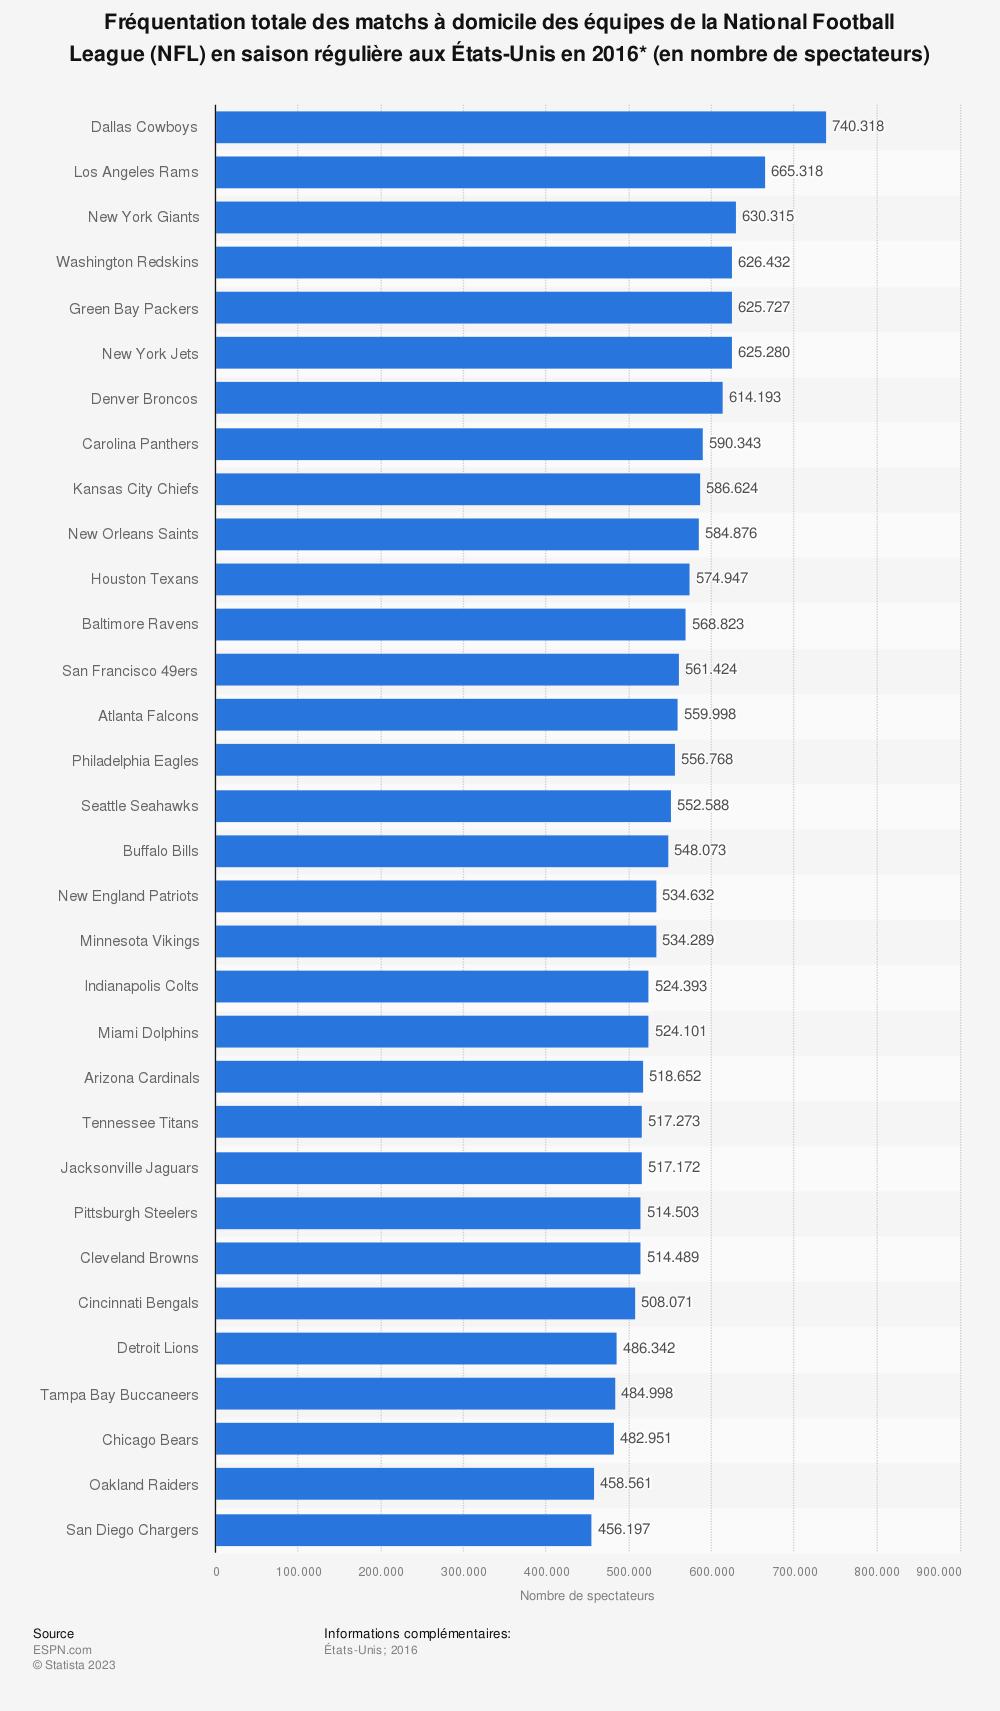 Statistique: Fréquentation totale des matchs à domicile des équipes de la National Football League(NFL) en saison régulière aux États-Unis en 2016* (en nombre de spectateurs) | Statista